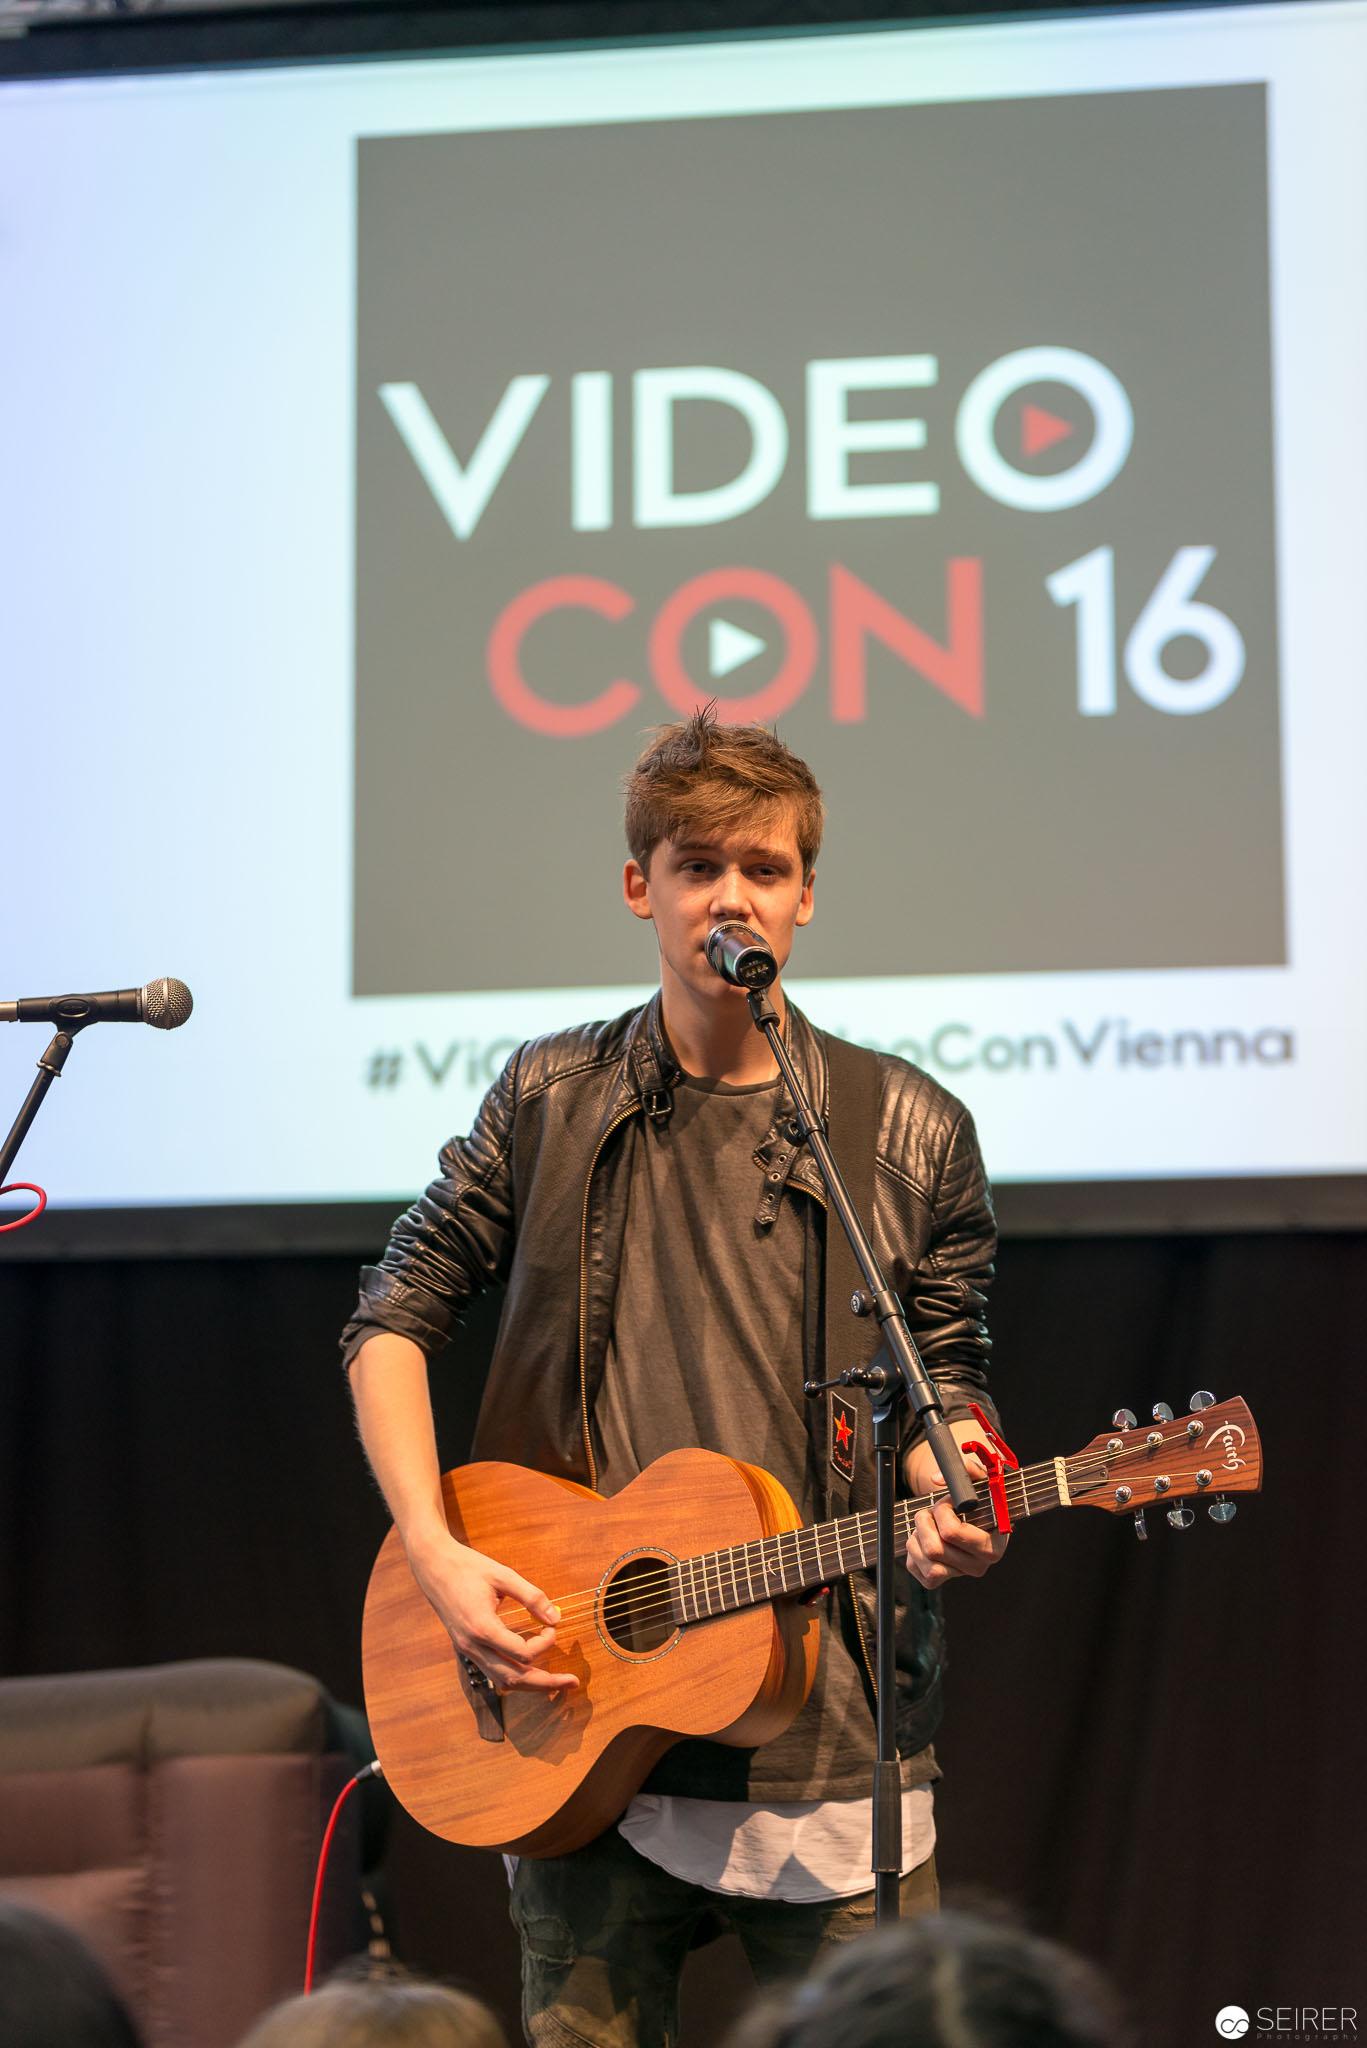 Jannik Brunke @ VideoCon 2016